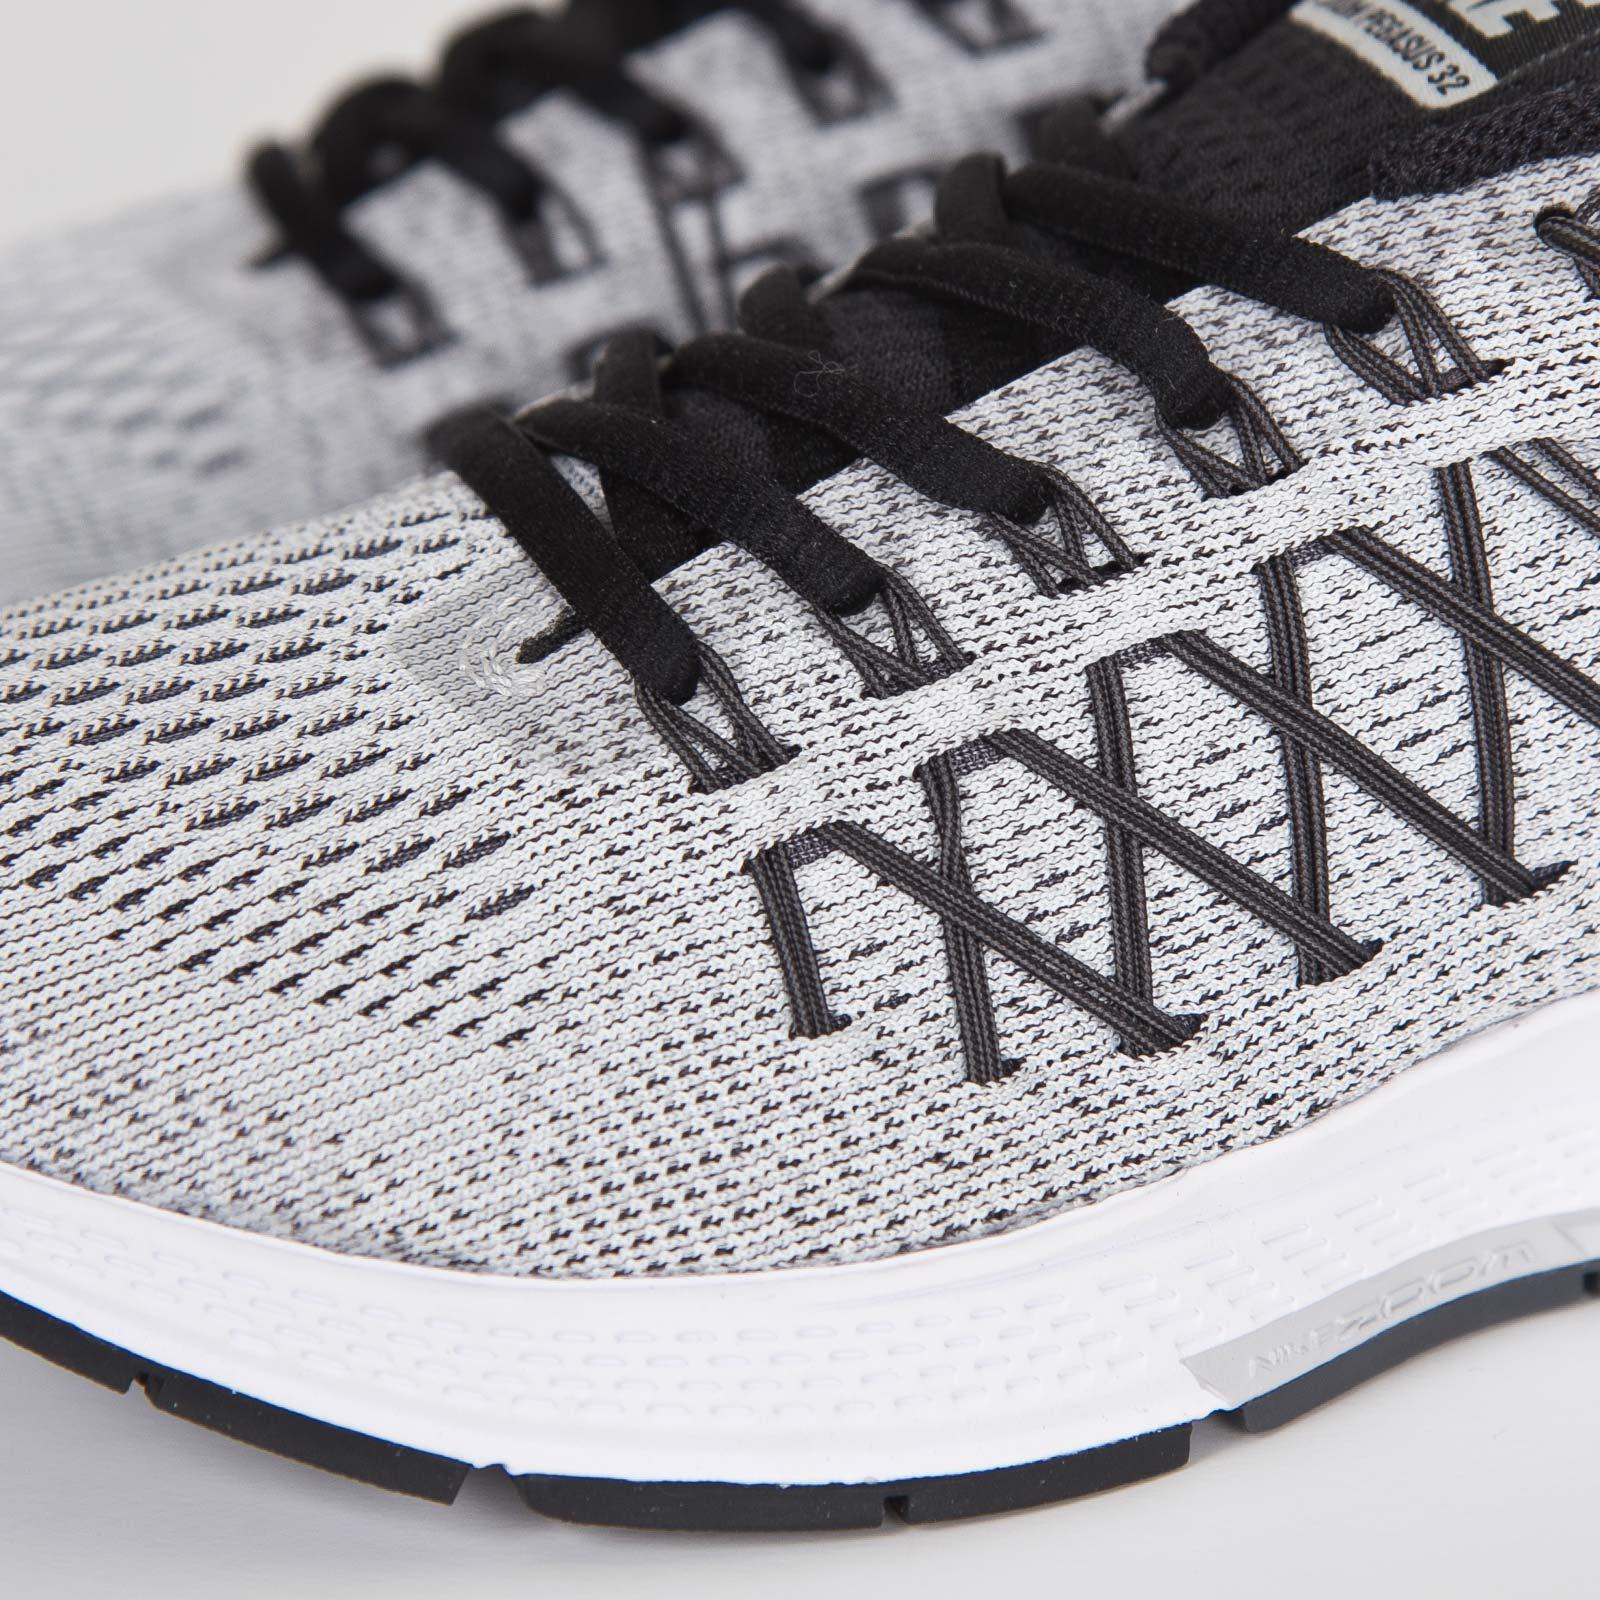 site réputé acd32 761f0 Nike Wmns Air Zoom Pegasus 32 - 749344-002 - Sneakersnstuff ...